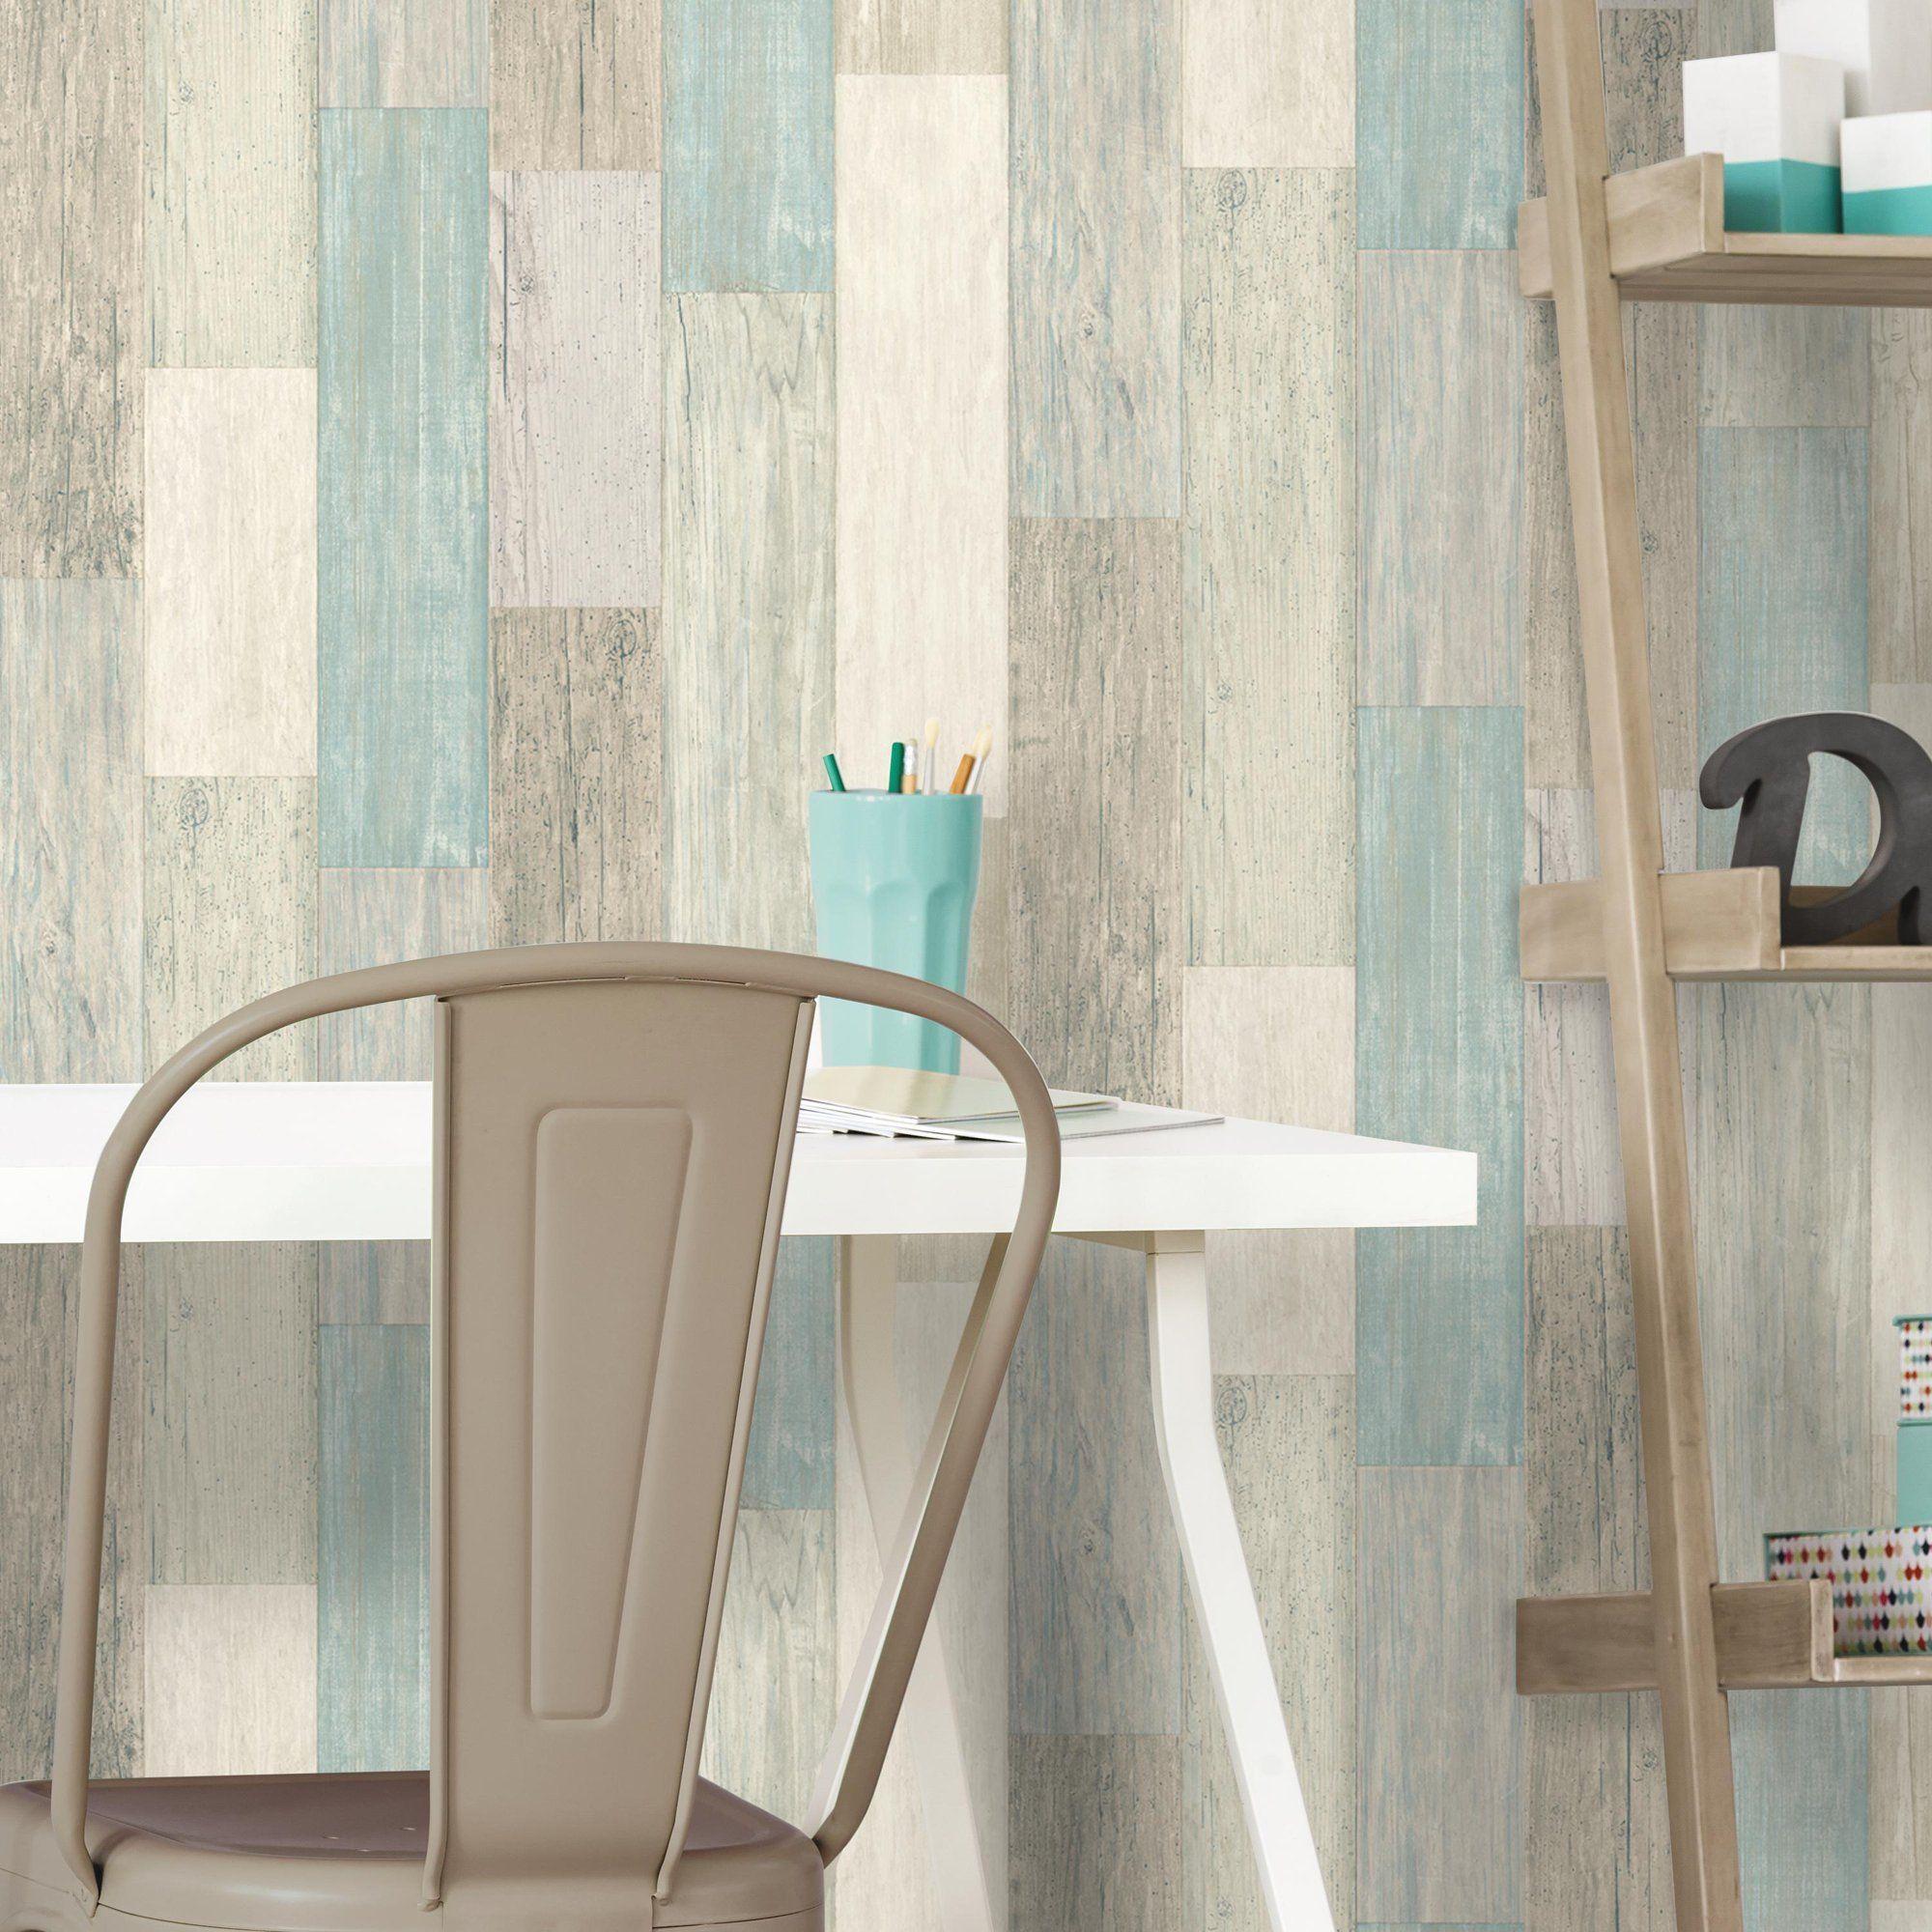 Roommates Coastal Weathered Plank Peel Stick Wallpaper Walmart Com Peel And Stick Wallpaper Weathered Wood Temporary Decorating